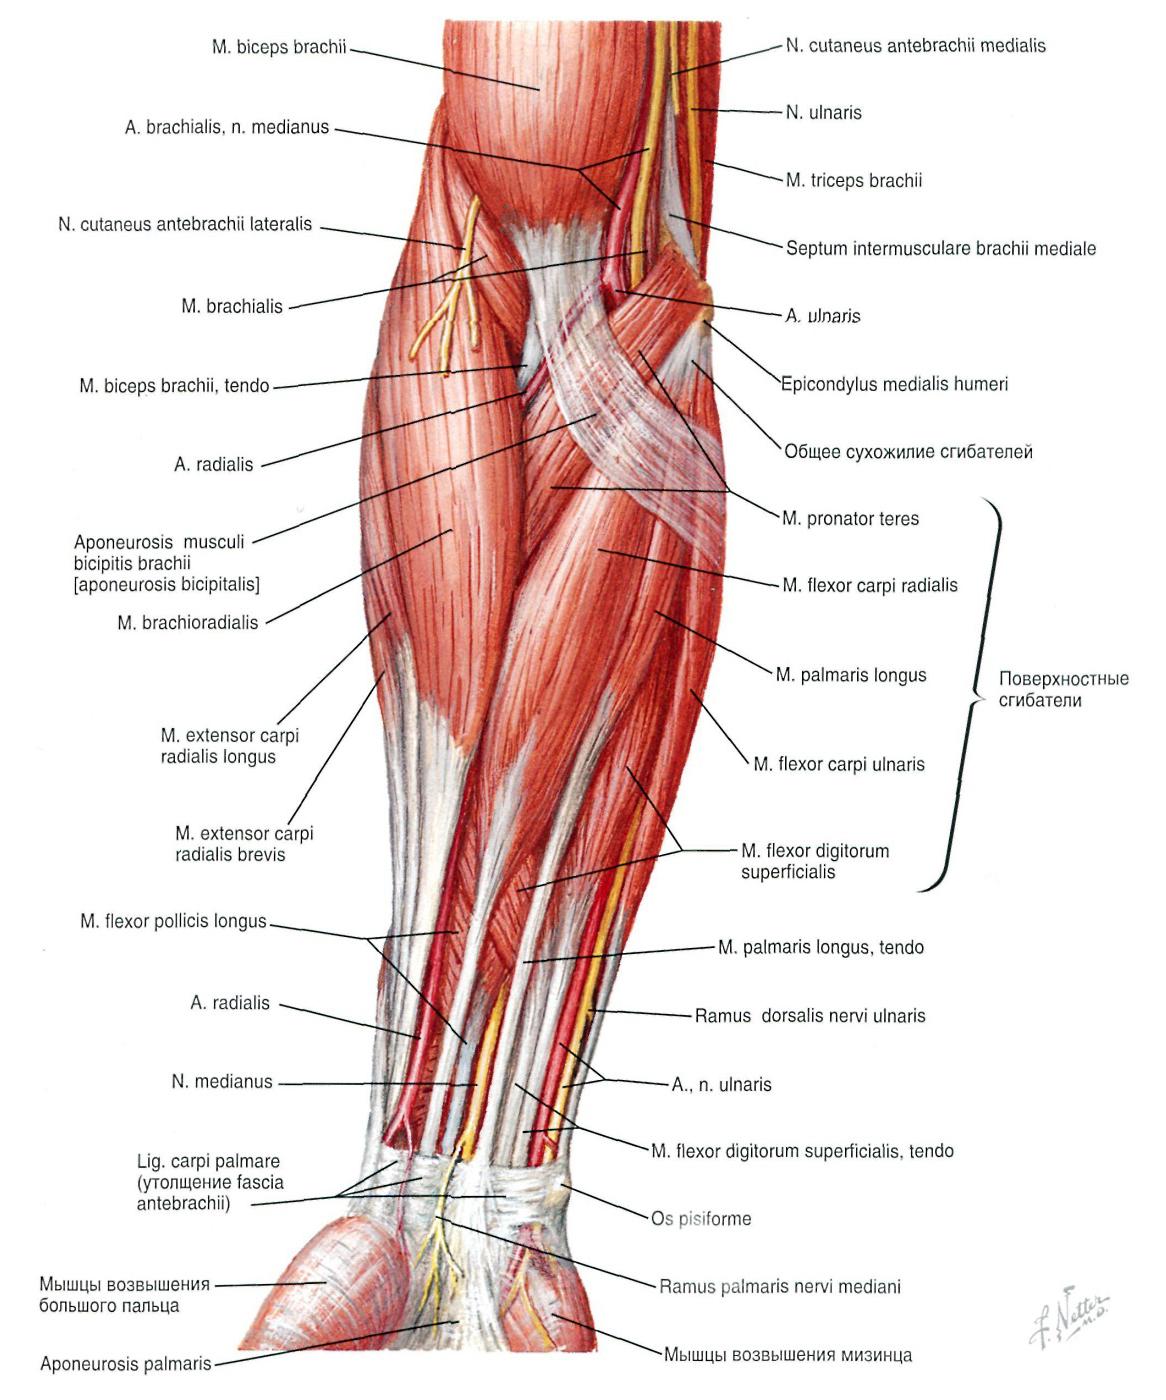 Durerea articulară și umflarea întregului corp. Întregul Corp Dă Simptome,, Subiecte în Health